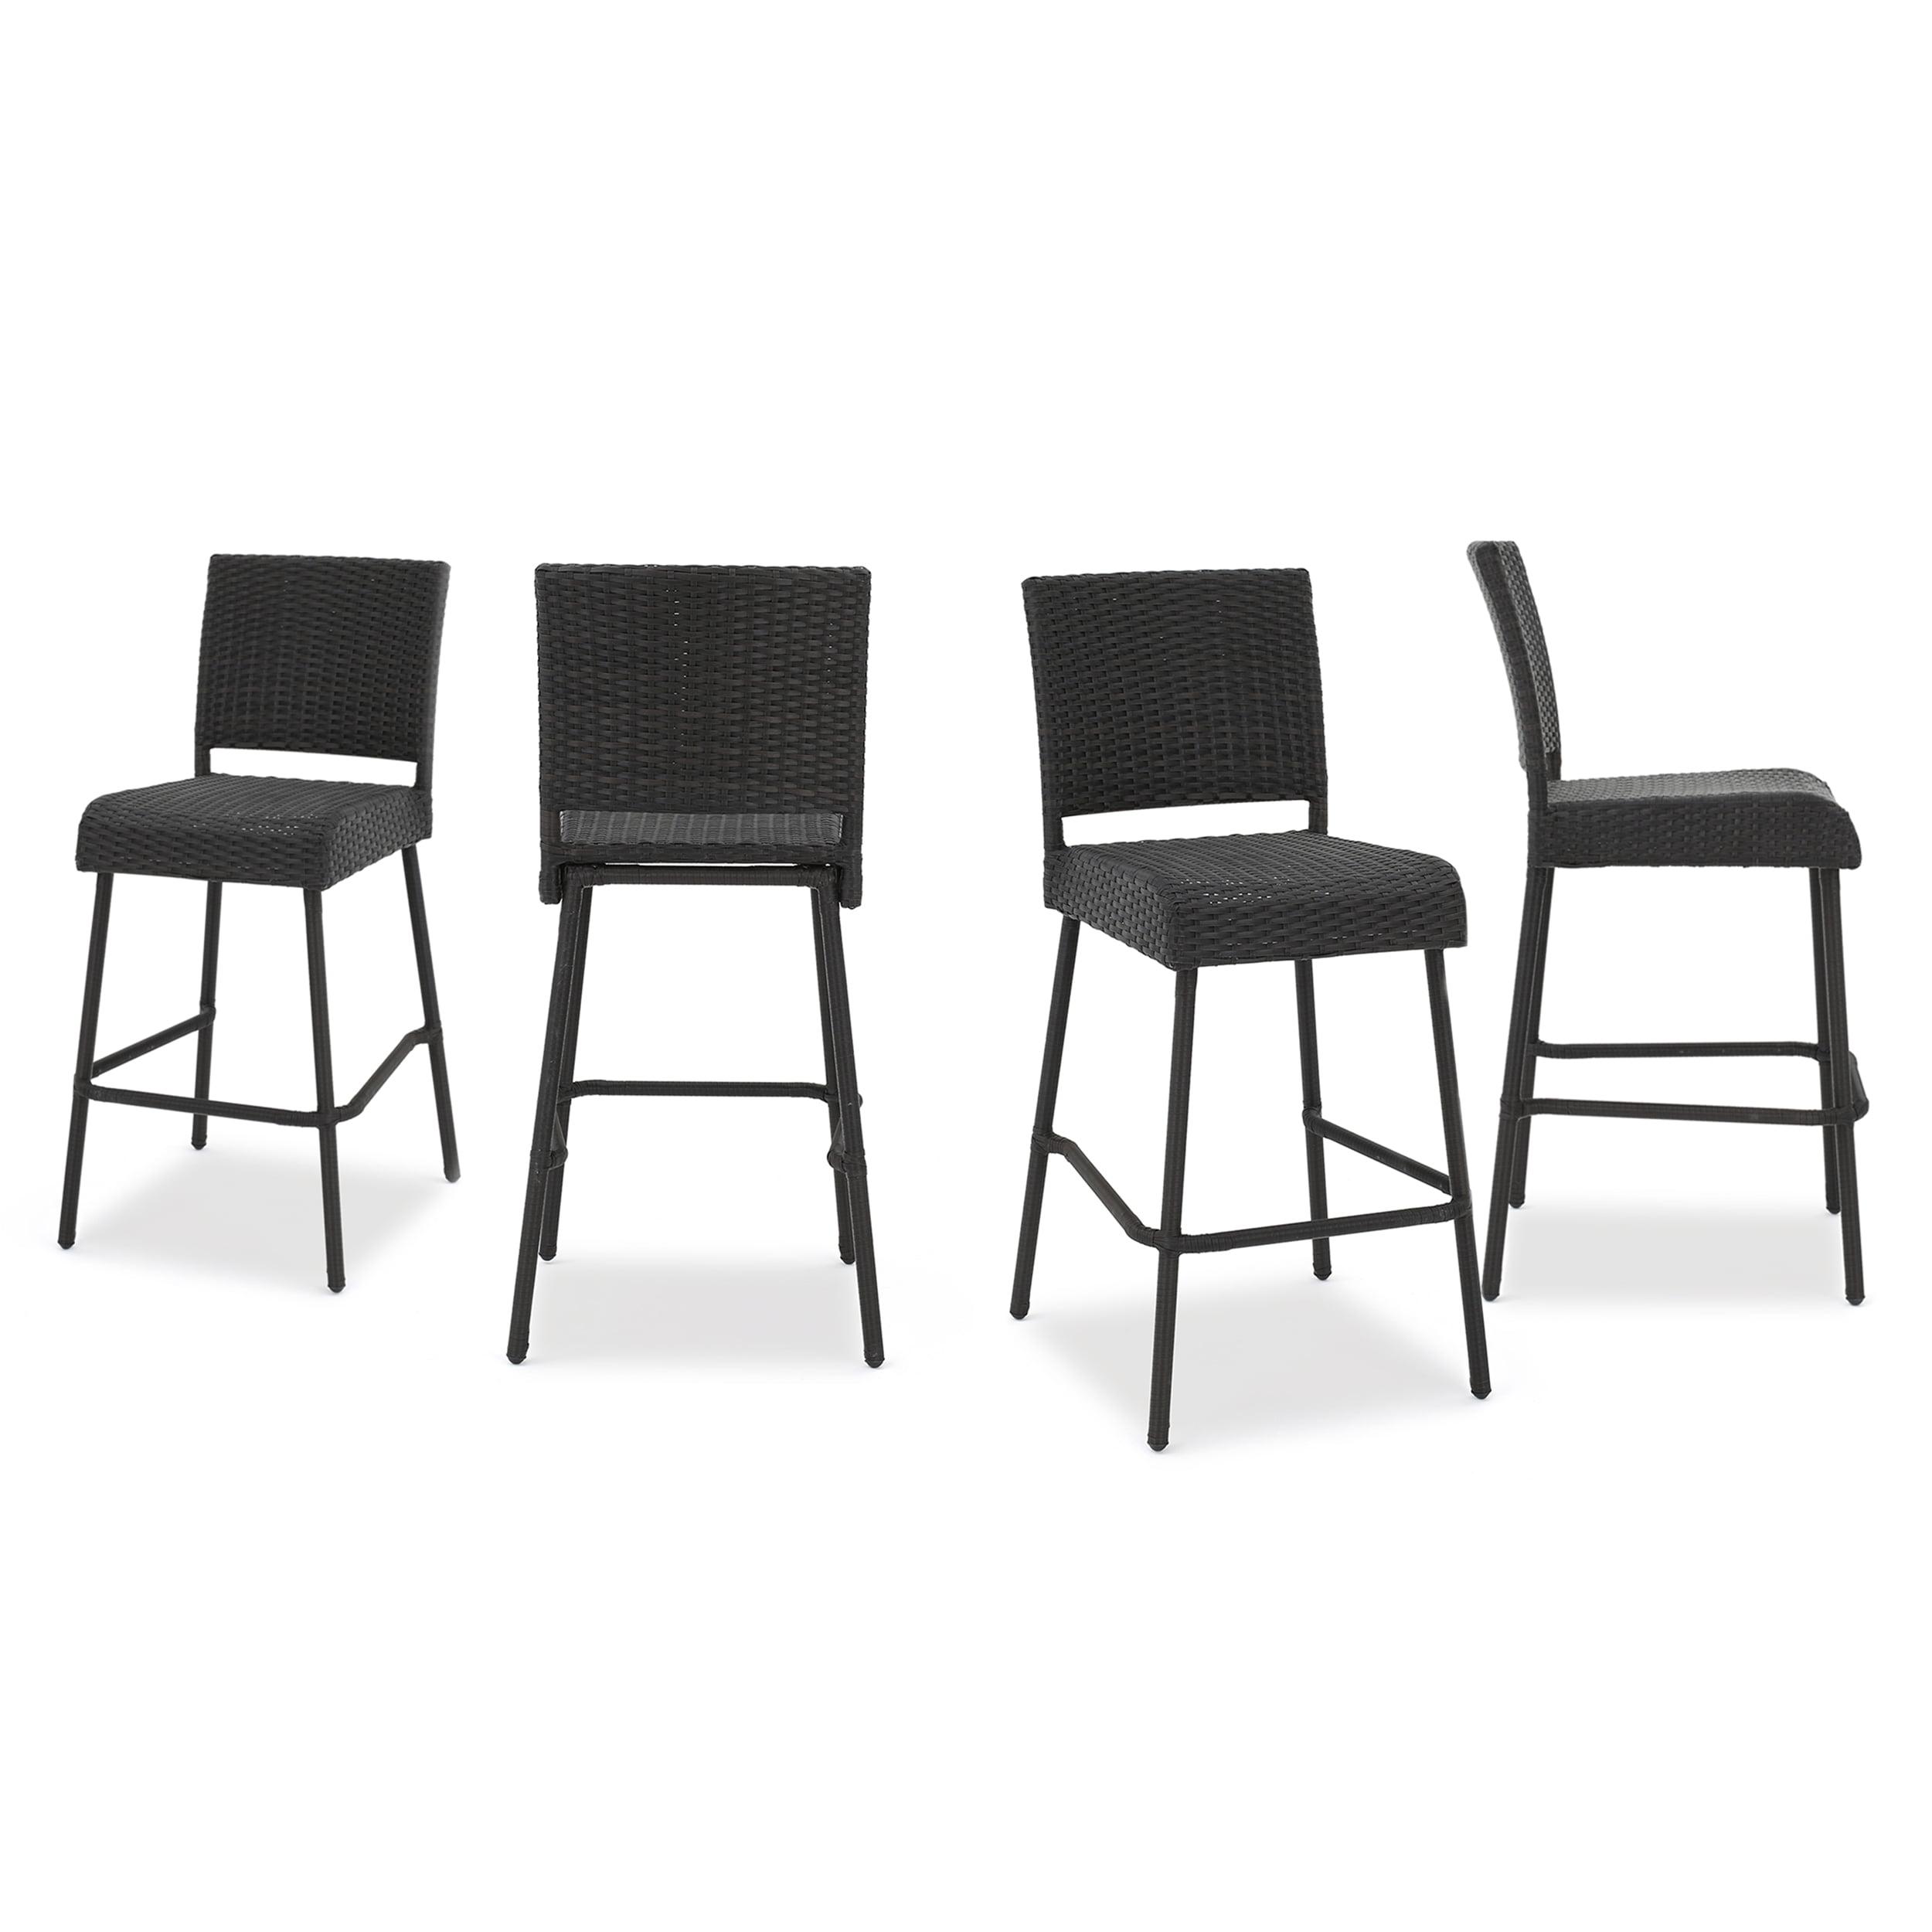 Oscana Outdoor Wicker Barstools, Set of 4, Dark Brown